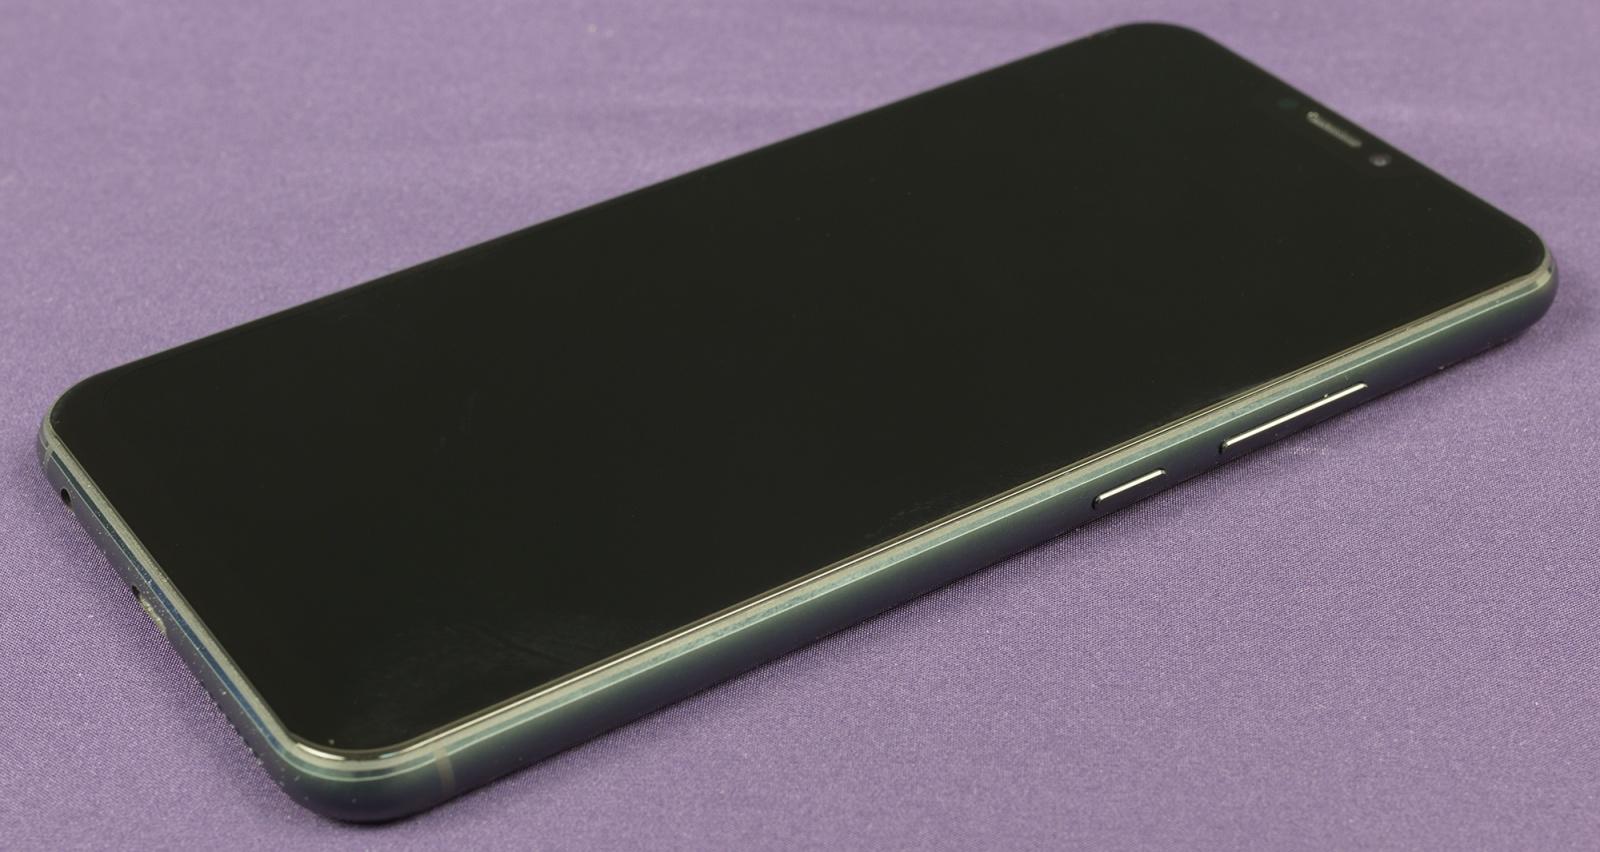 Обзор смартфона ASUS Zenfone 5 ZE620KL - 13